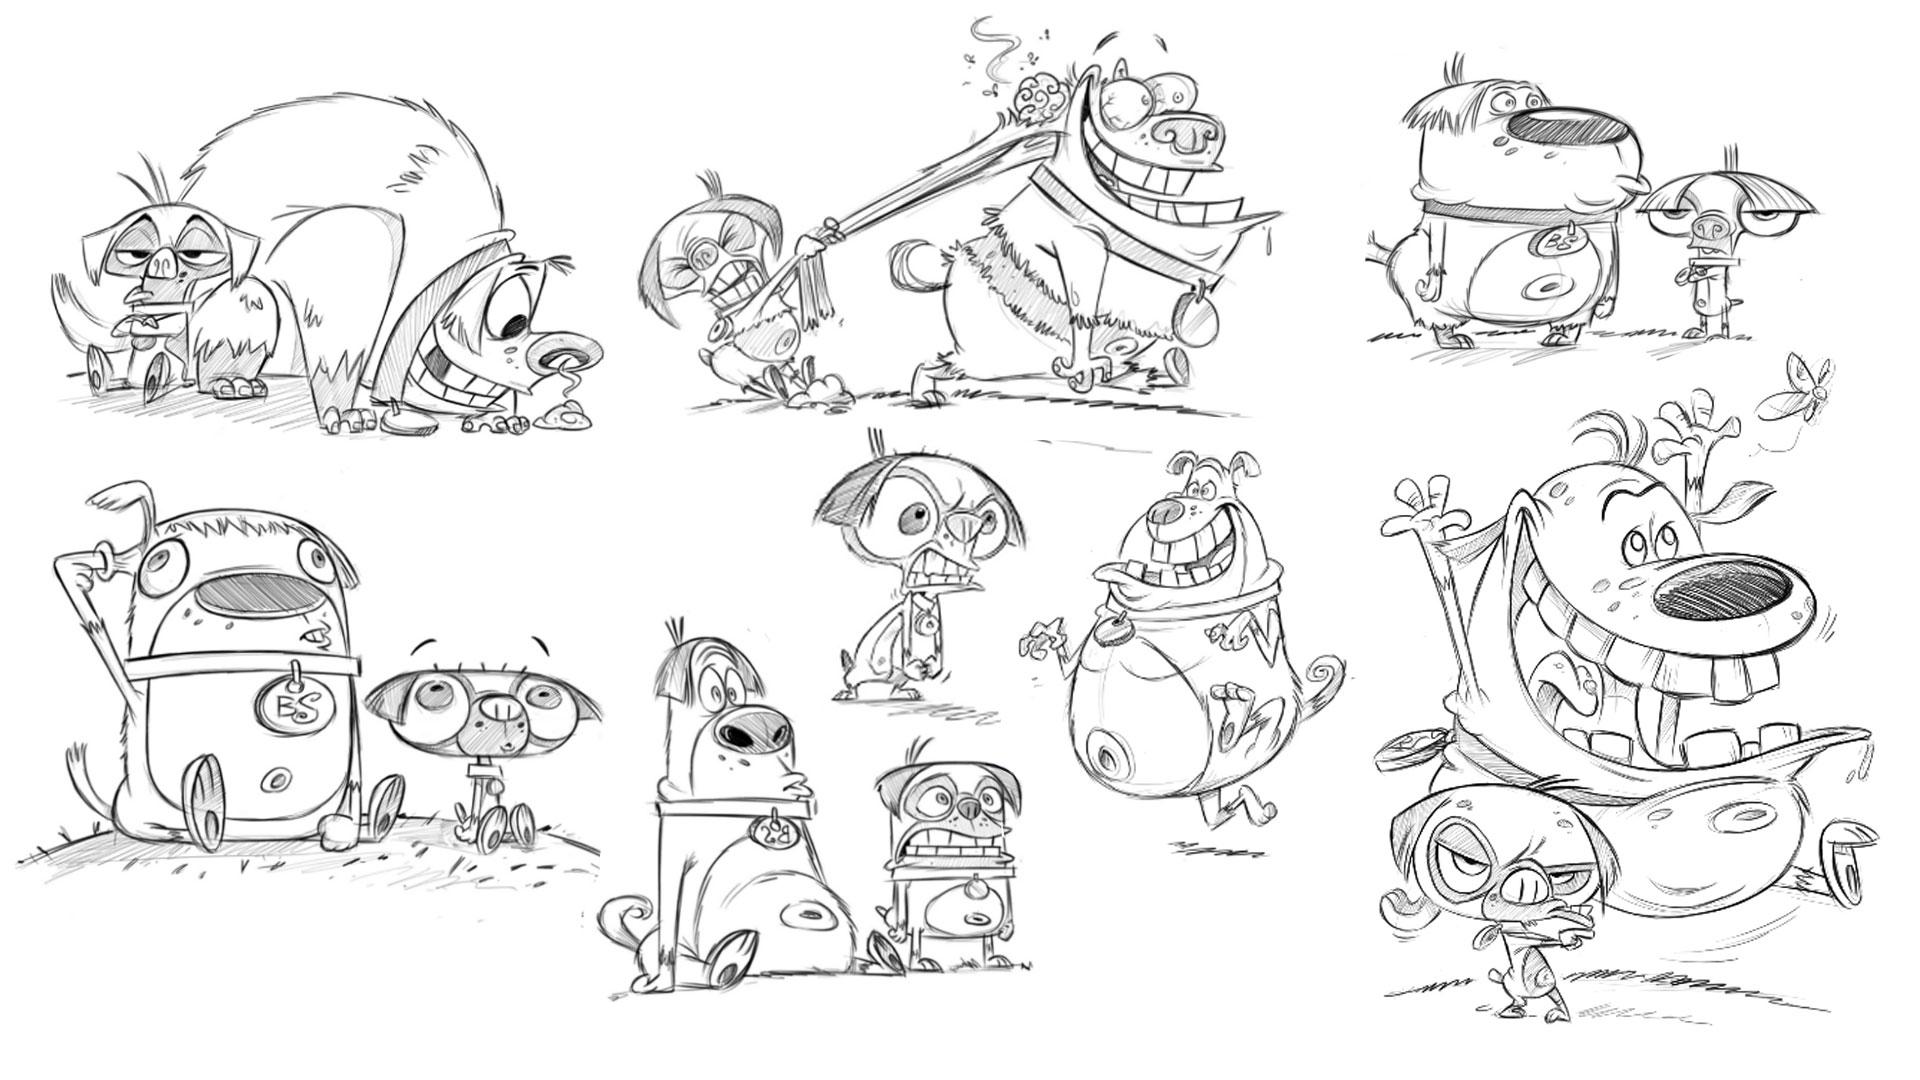 Disney XD Main Character Poses, Original Series Development